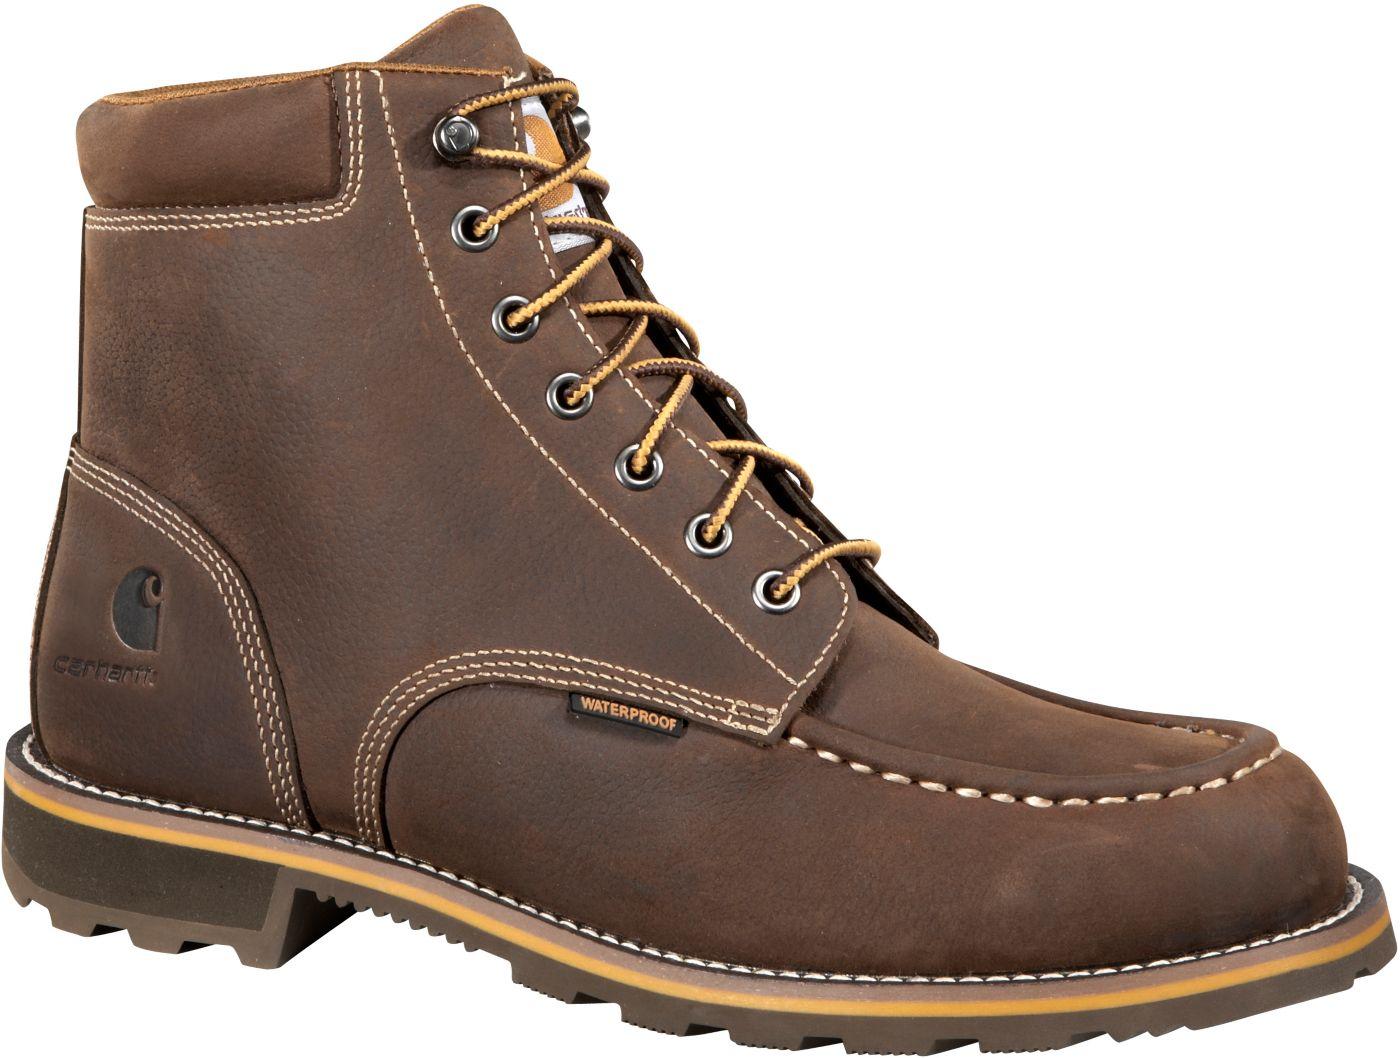 Carhartt Men's Moc 6'' Waterproof Steel Toe Work Boots